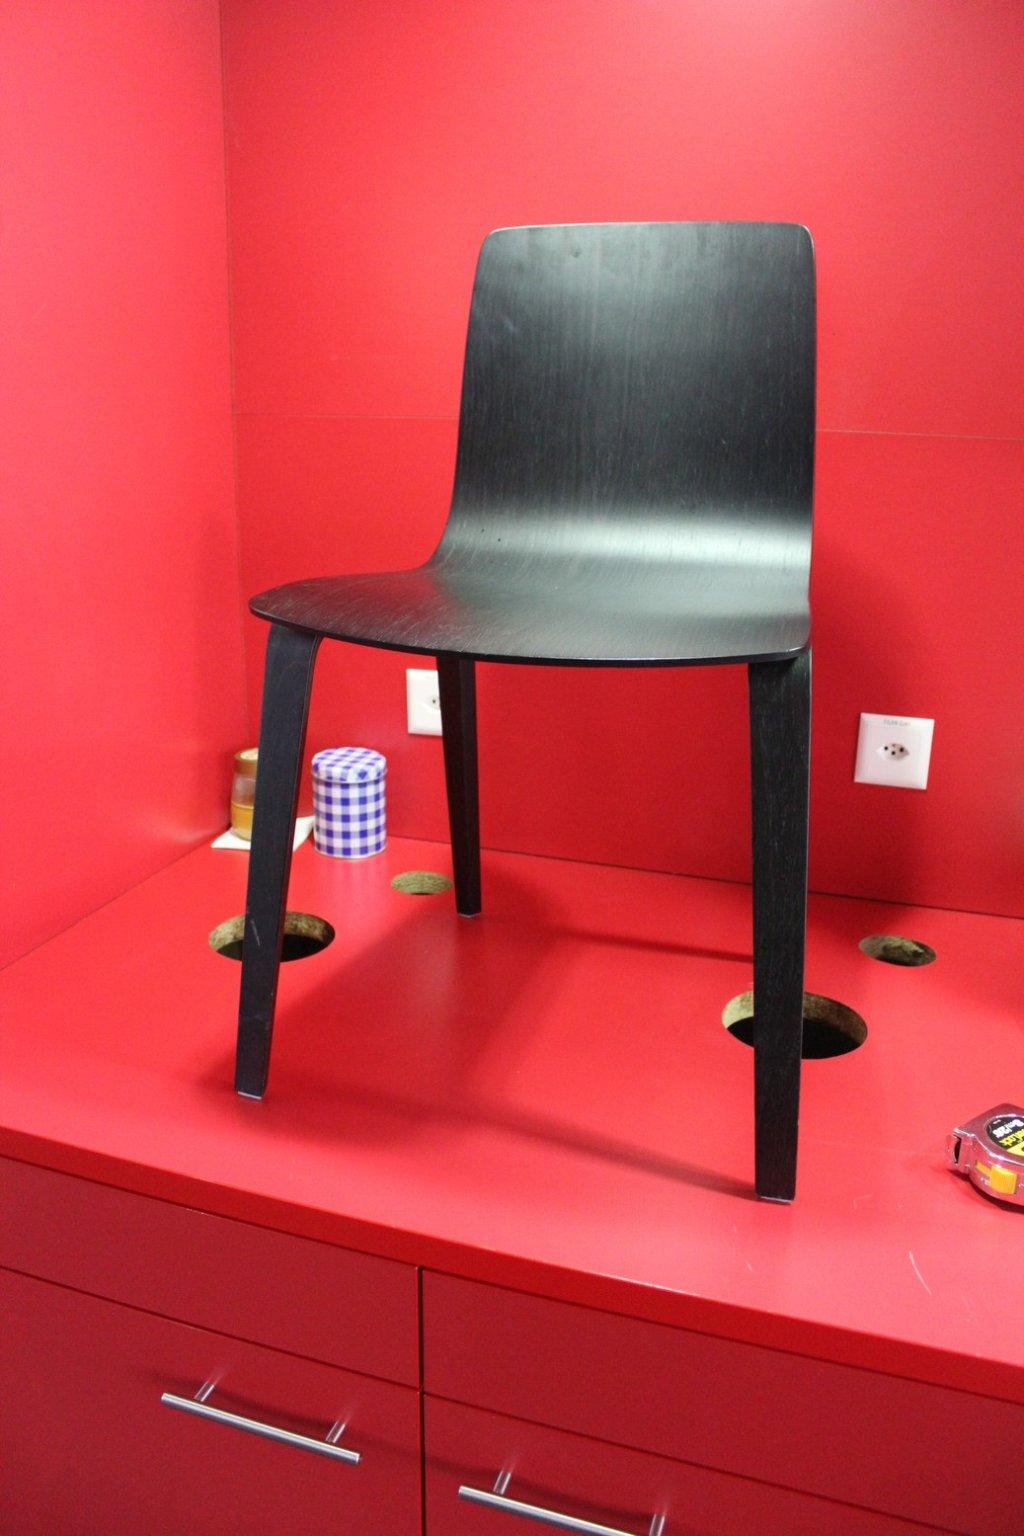 stuhl finnisches design schwarz rewinner